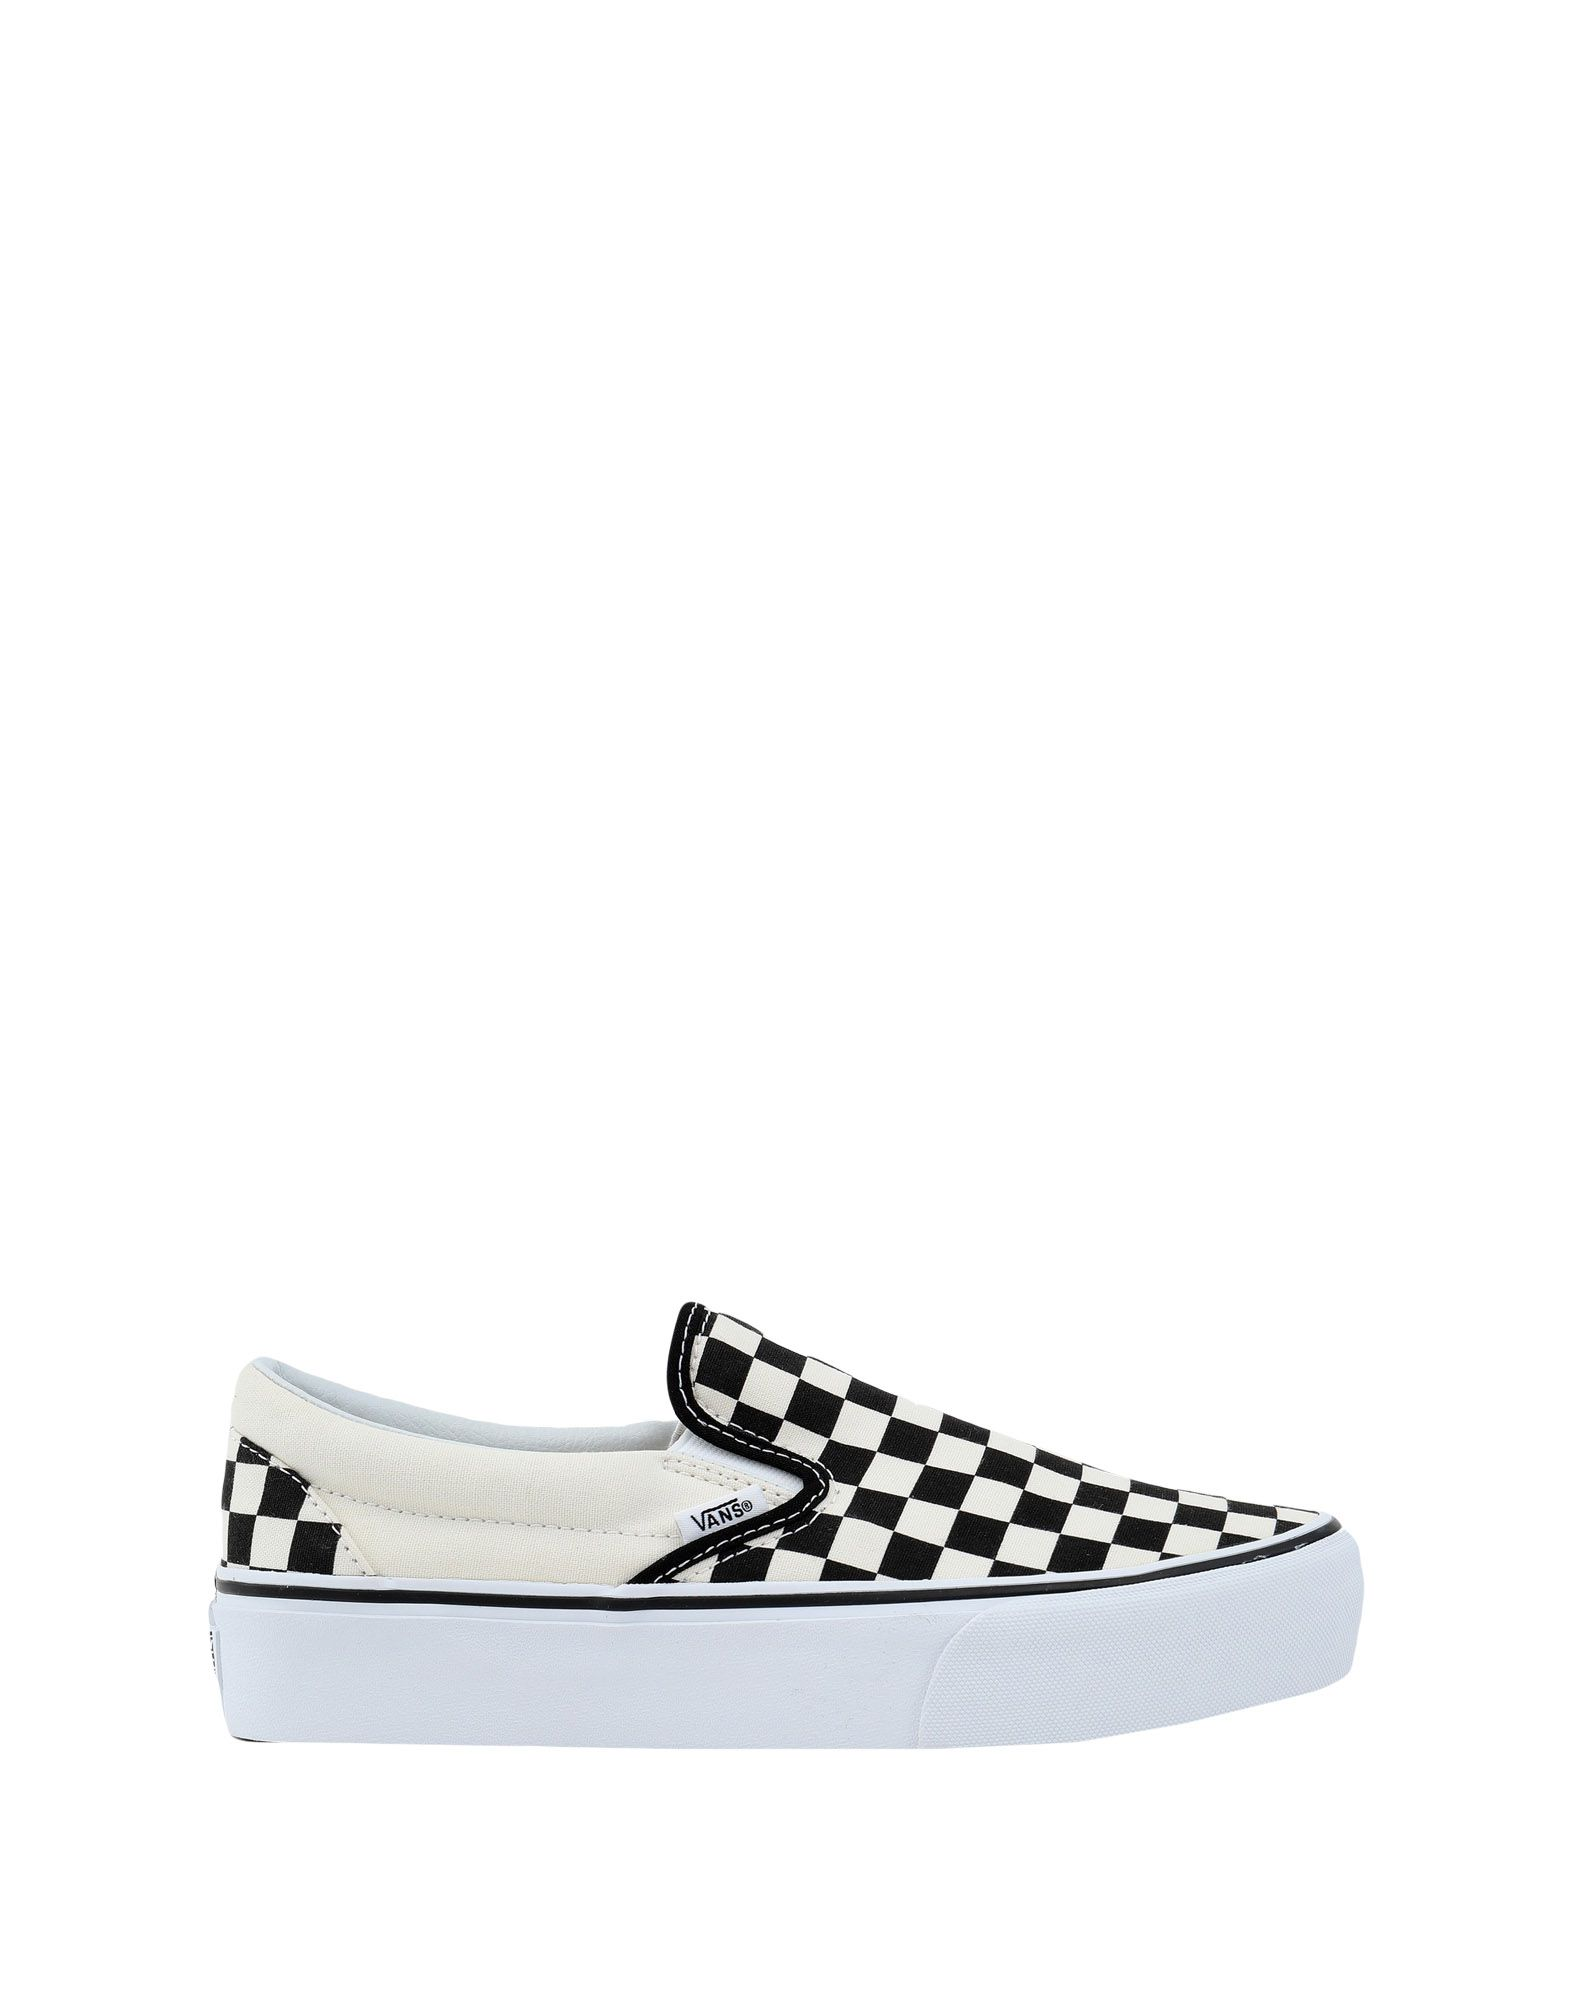 Vans Ua Classic Slip-On - Sneakers - - - Women Vans Sneakers online on  United Kingdom - 11559621NC 82d1d0